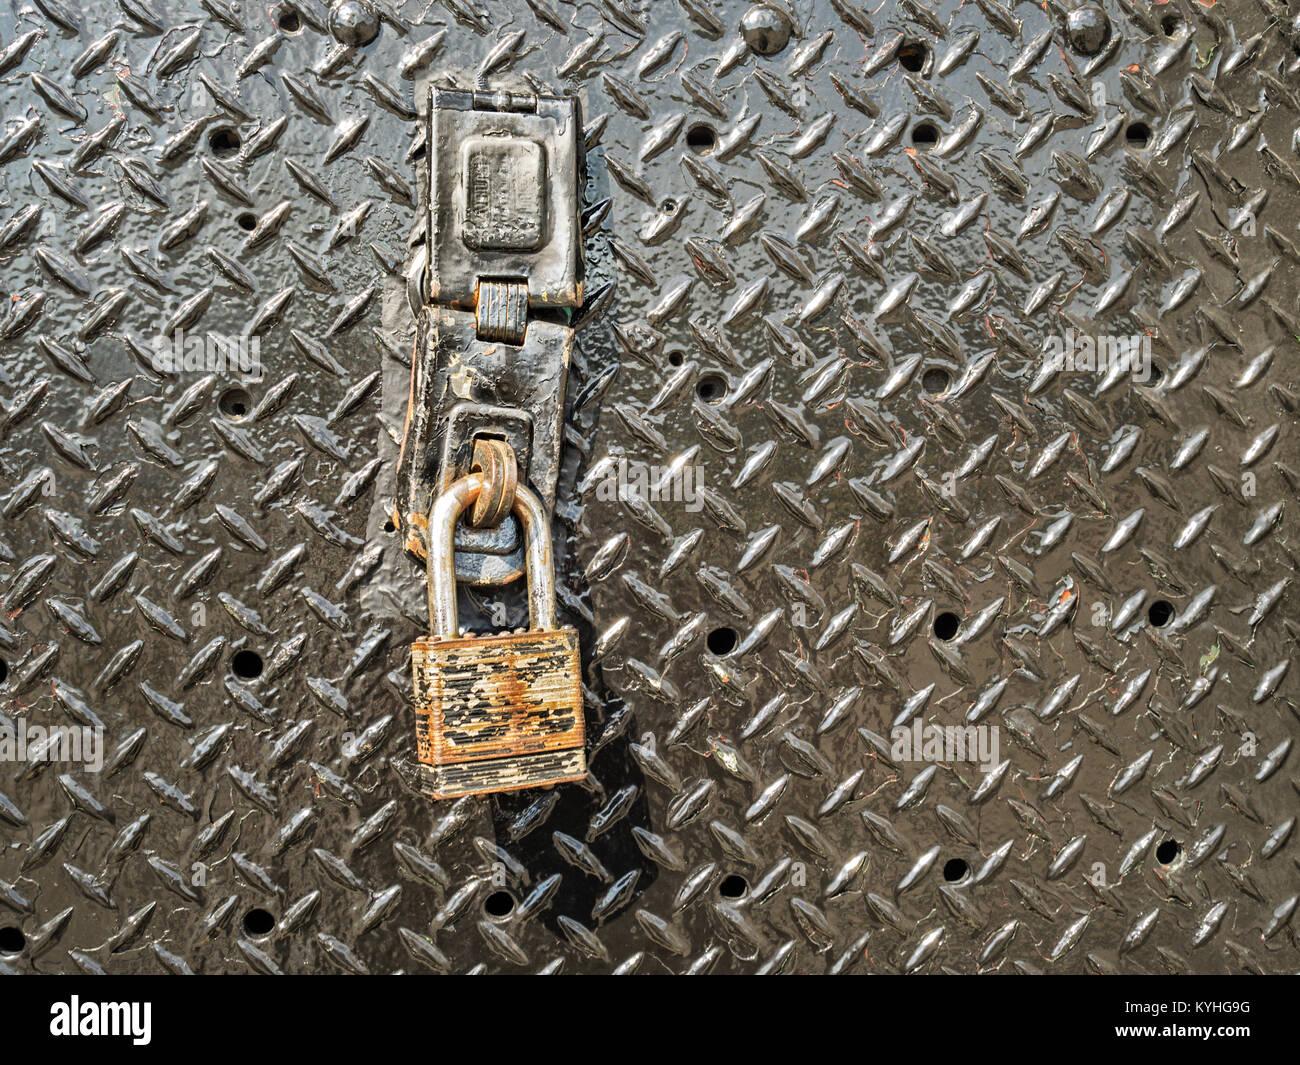 Casco de hierro oxidado candado en puerta de metal como símbolo de seguridad, protección de datos segura Imagen De Stock